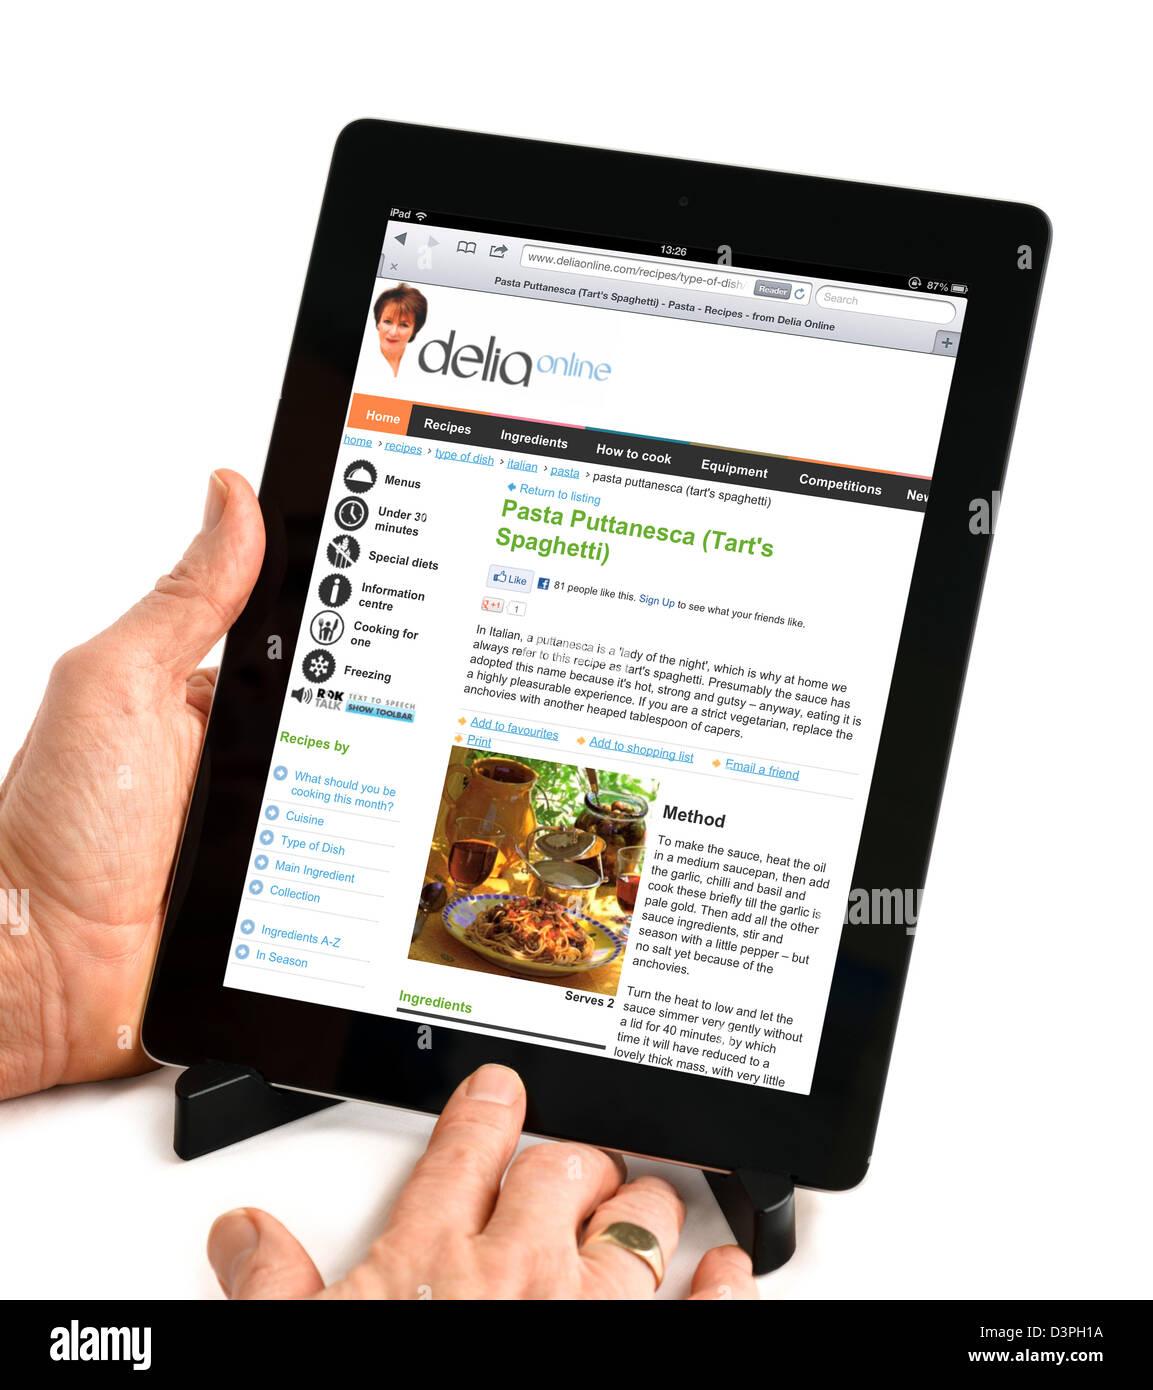 L'affichage d'une recette de Delia Smith le deliaonline.com site sur un iPad Photo Stock